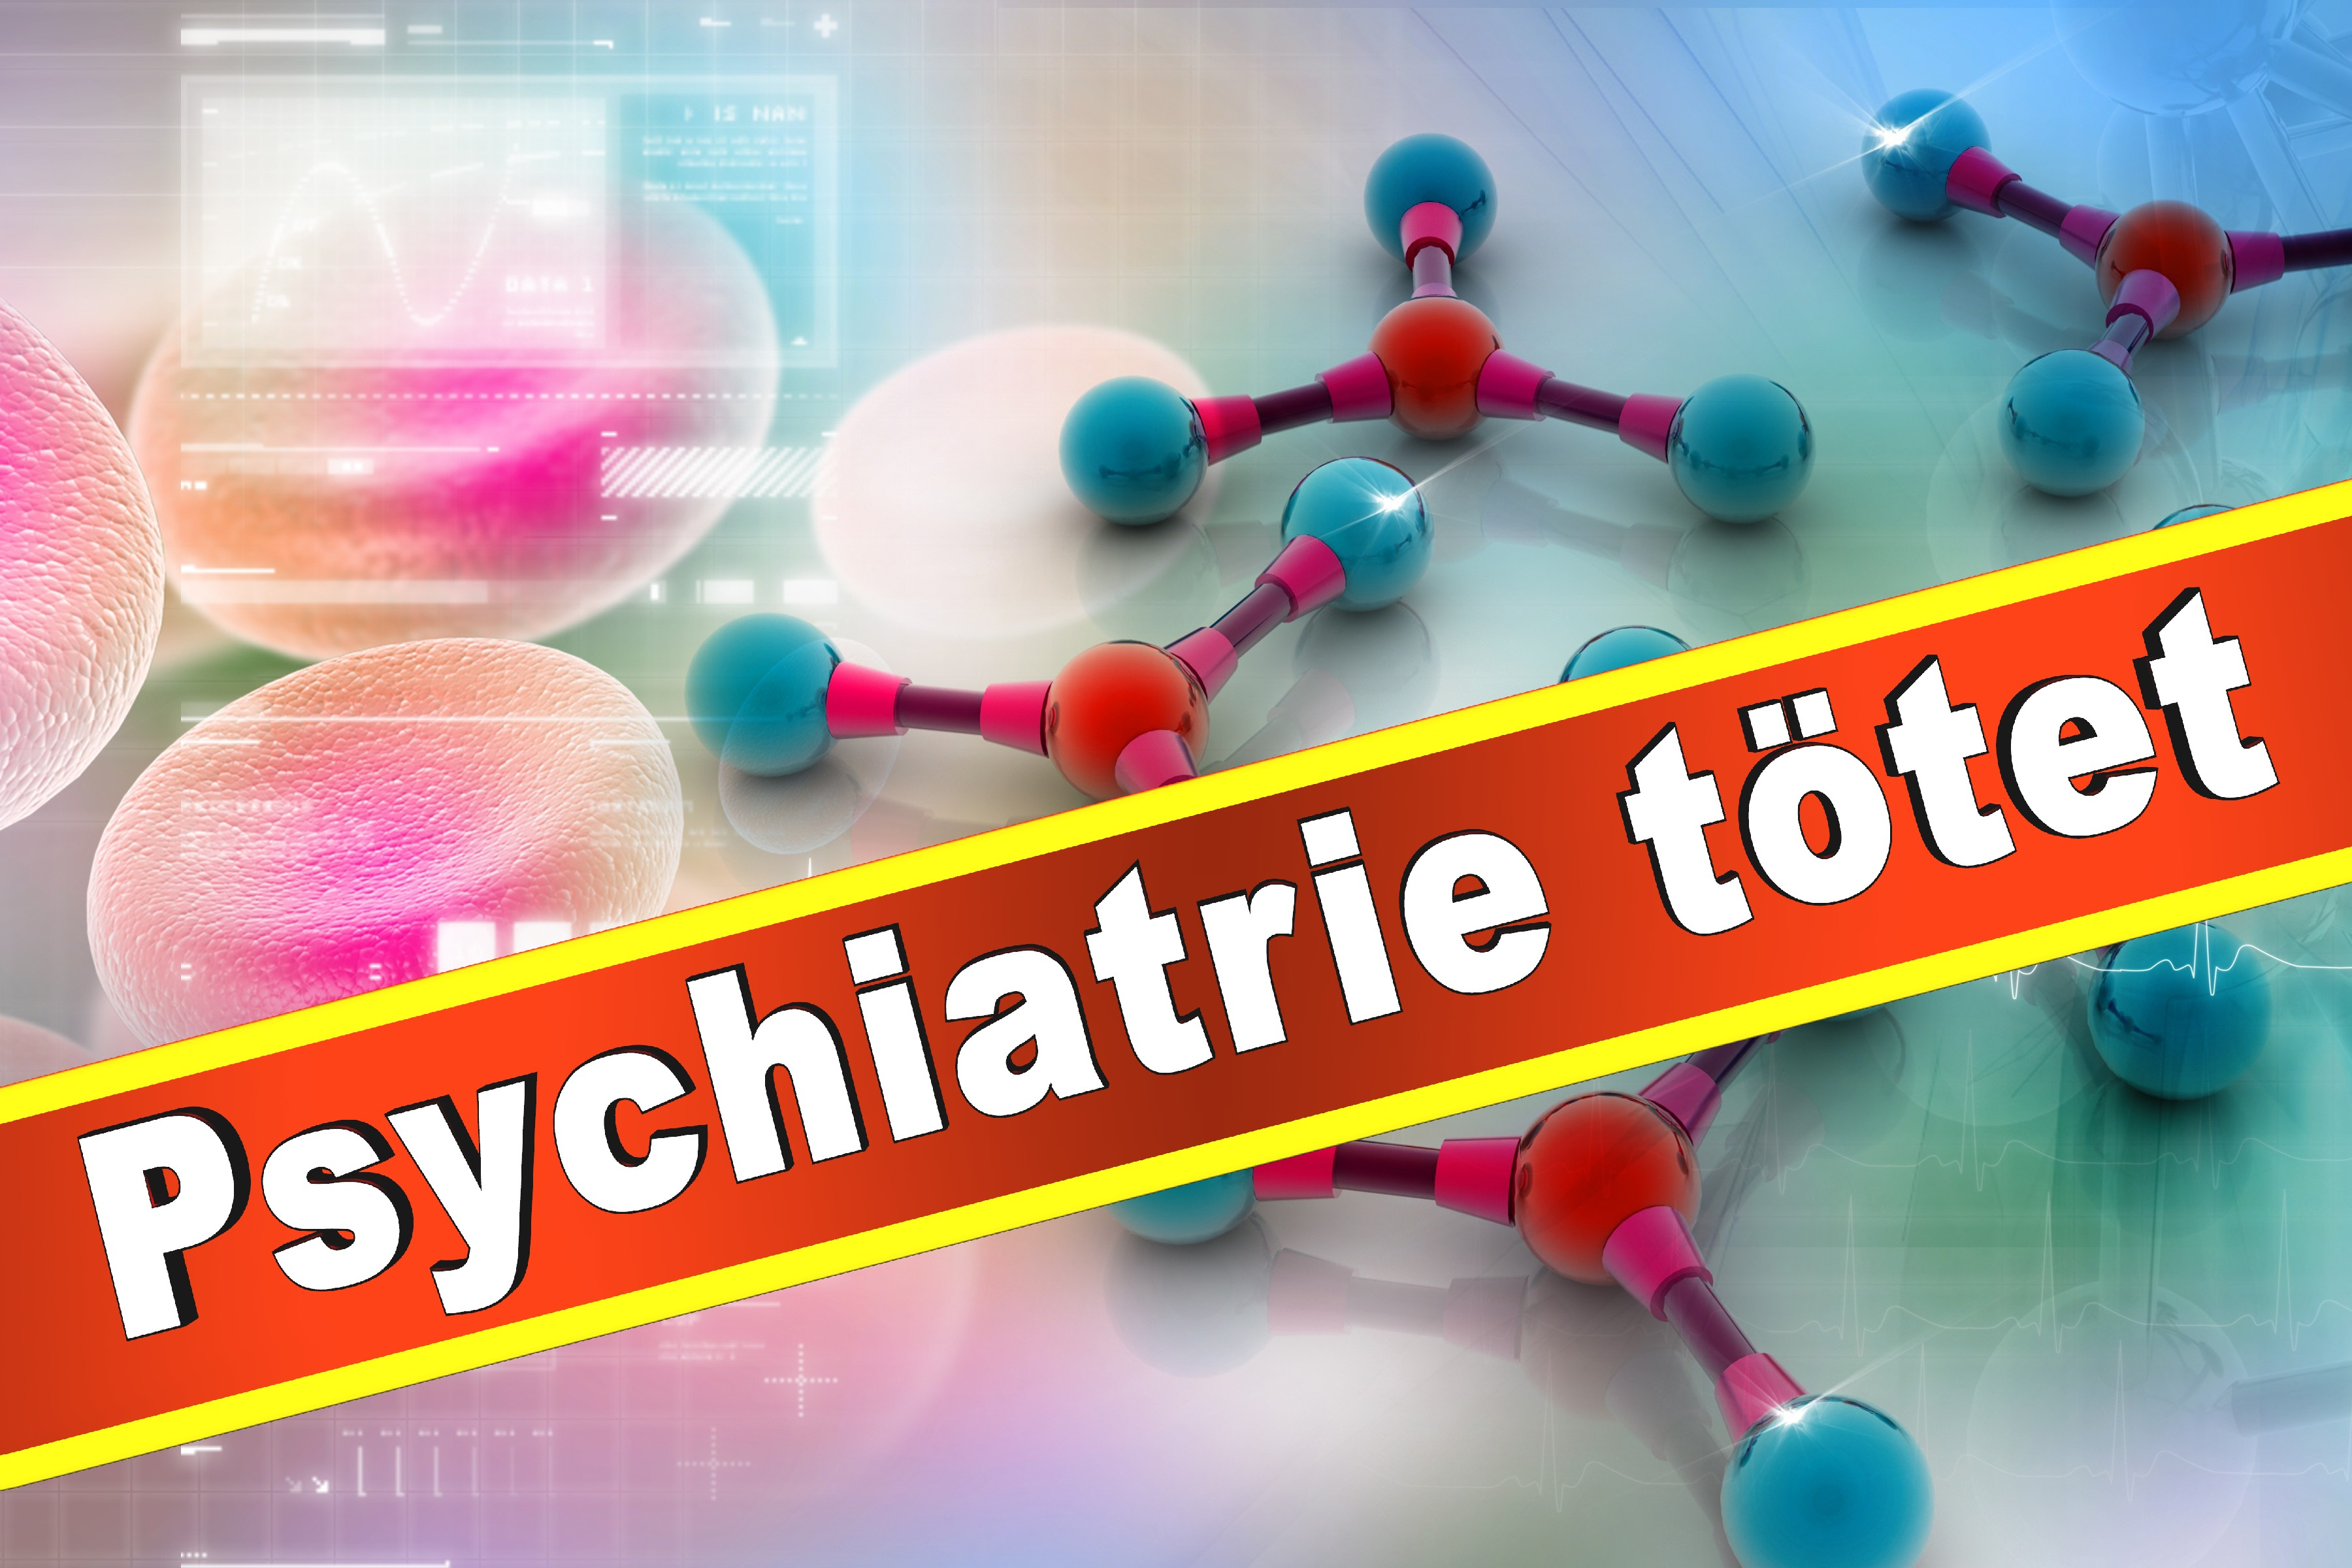 Psychiatrische Praxis Harff Wassmuth Psychotherapeut Hannover Psychotherapie